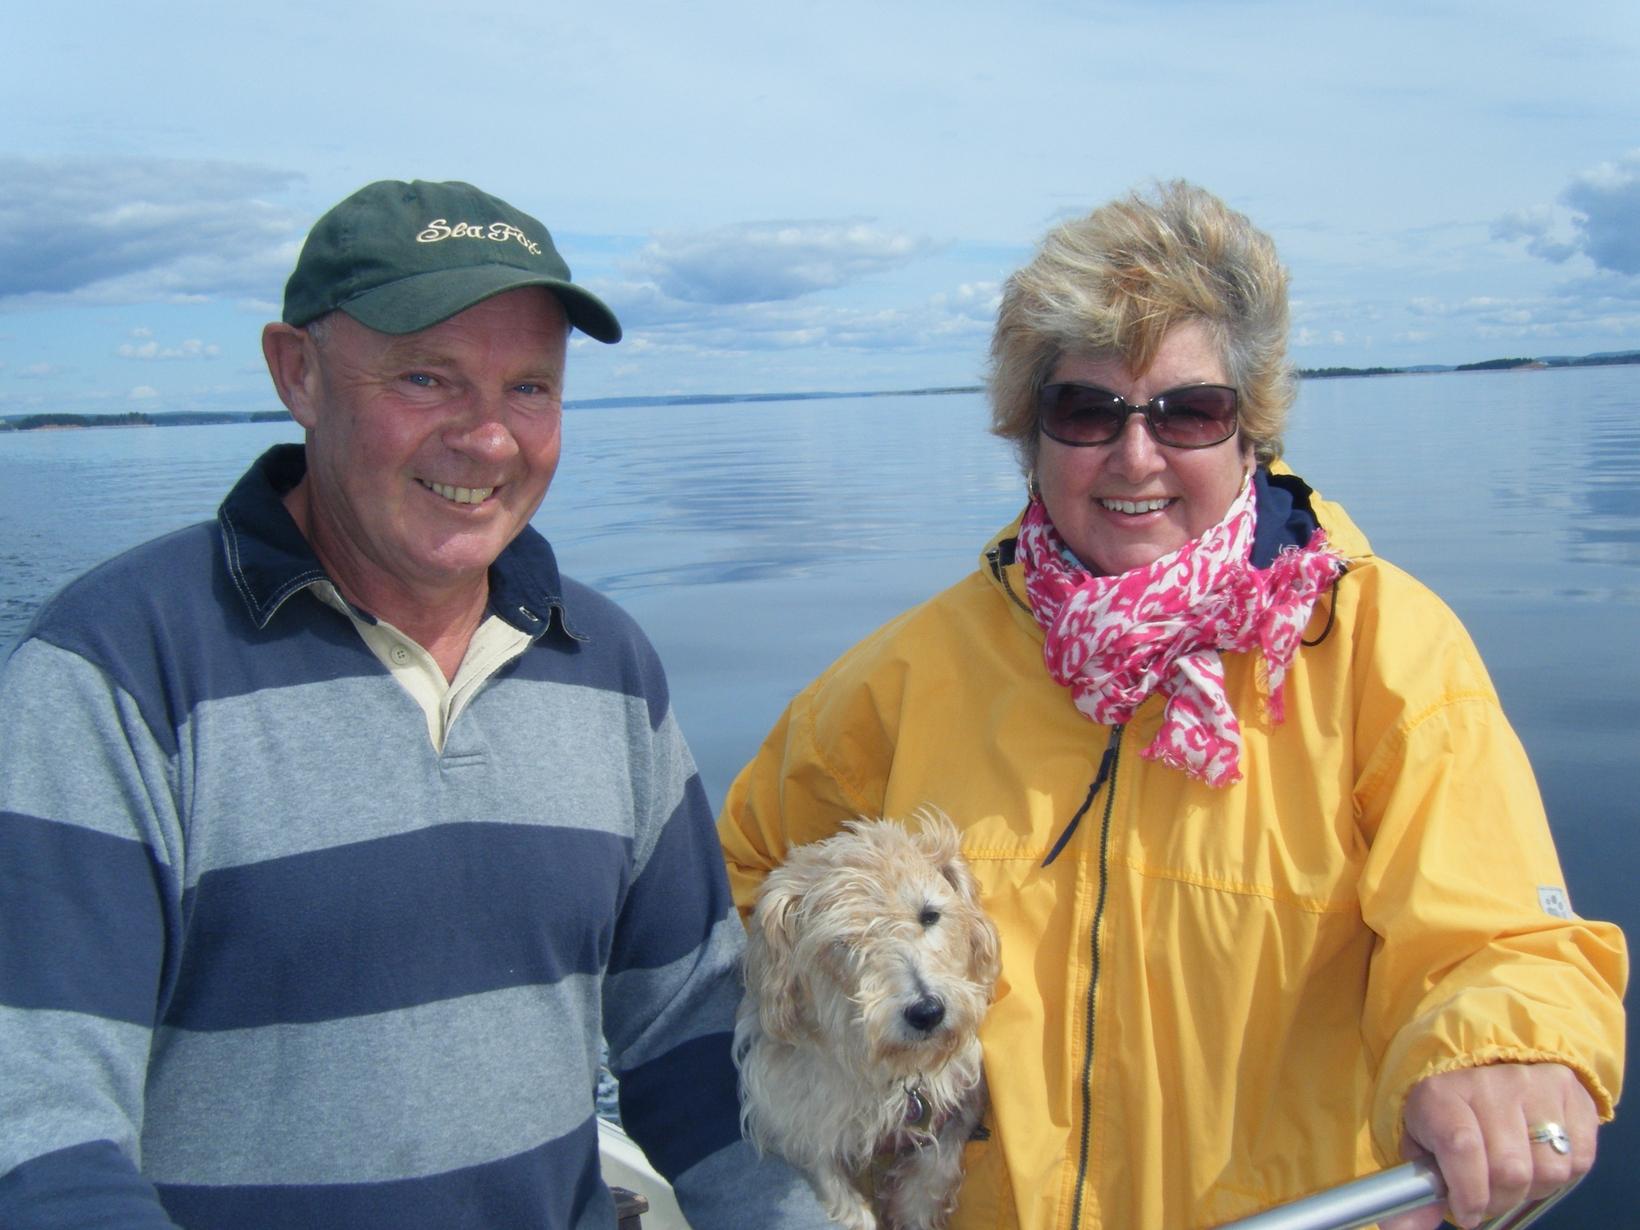 Jo & chris & Chris from Lunenburg, Nova Scotia, Canada